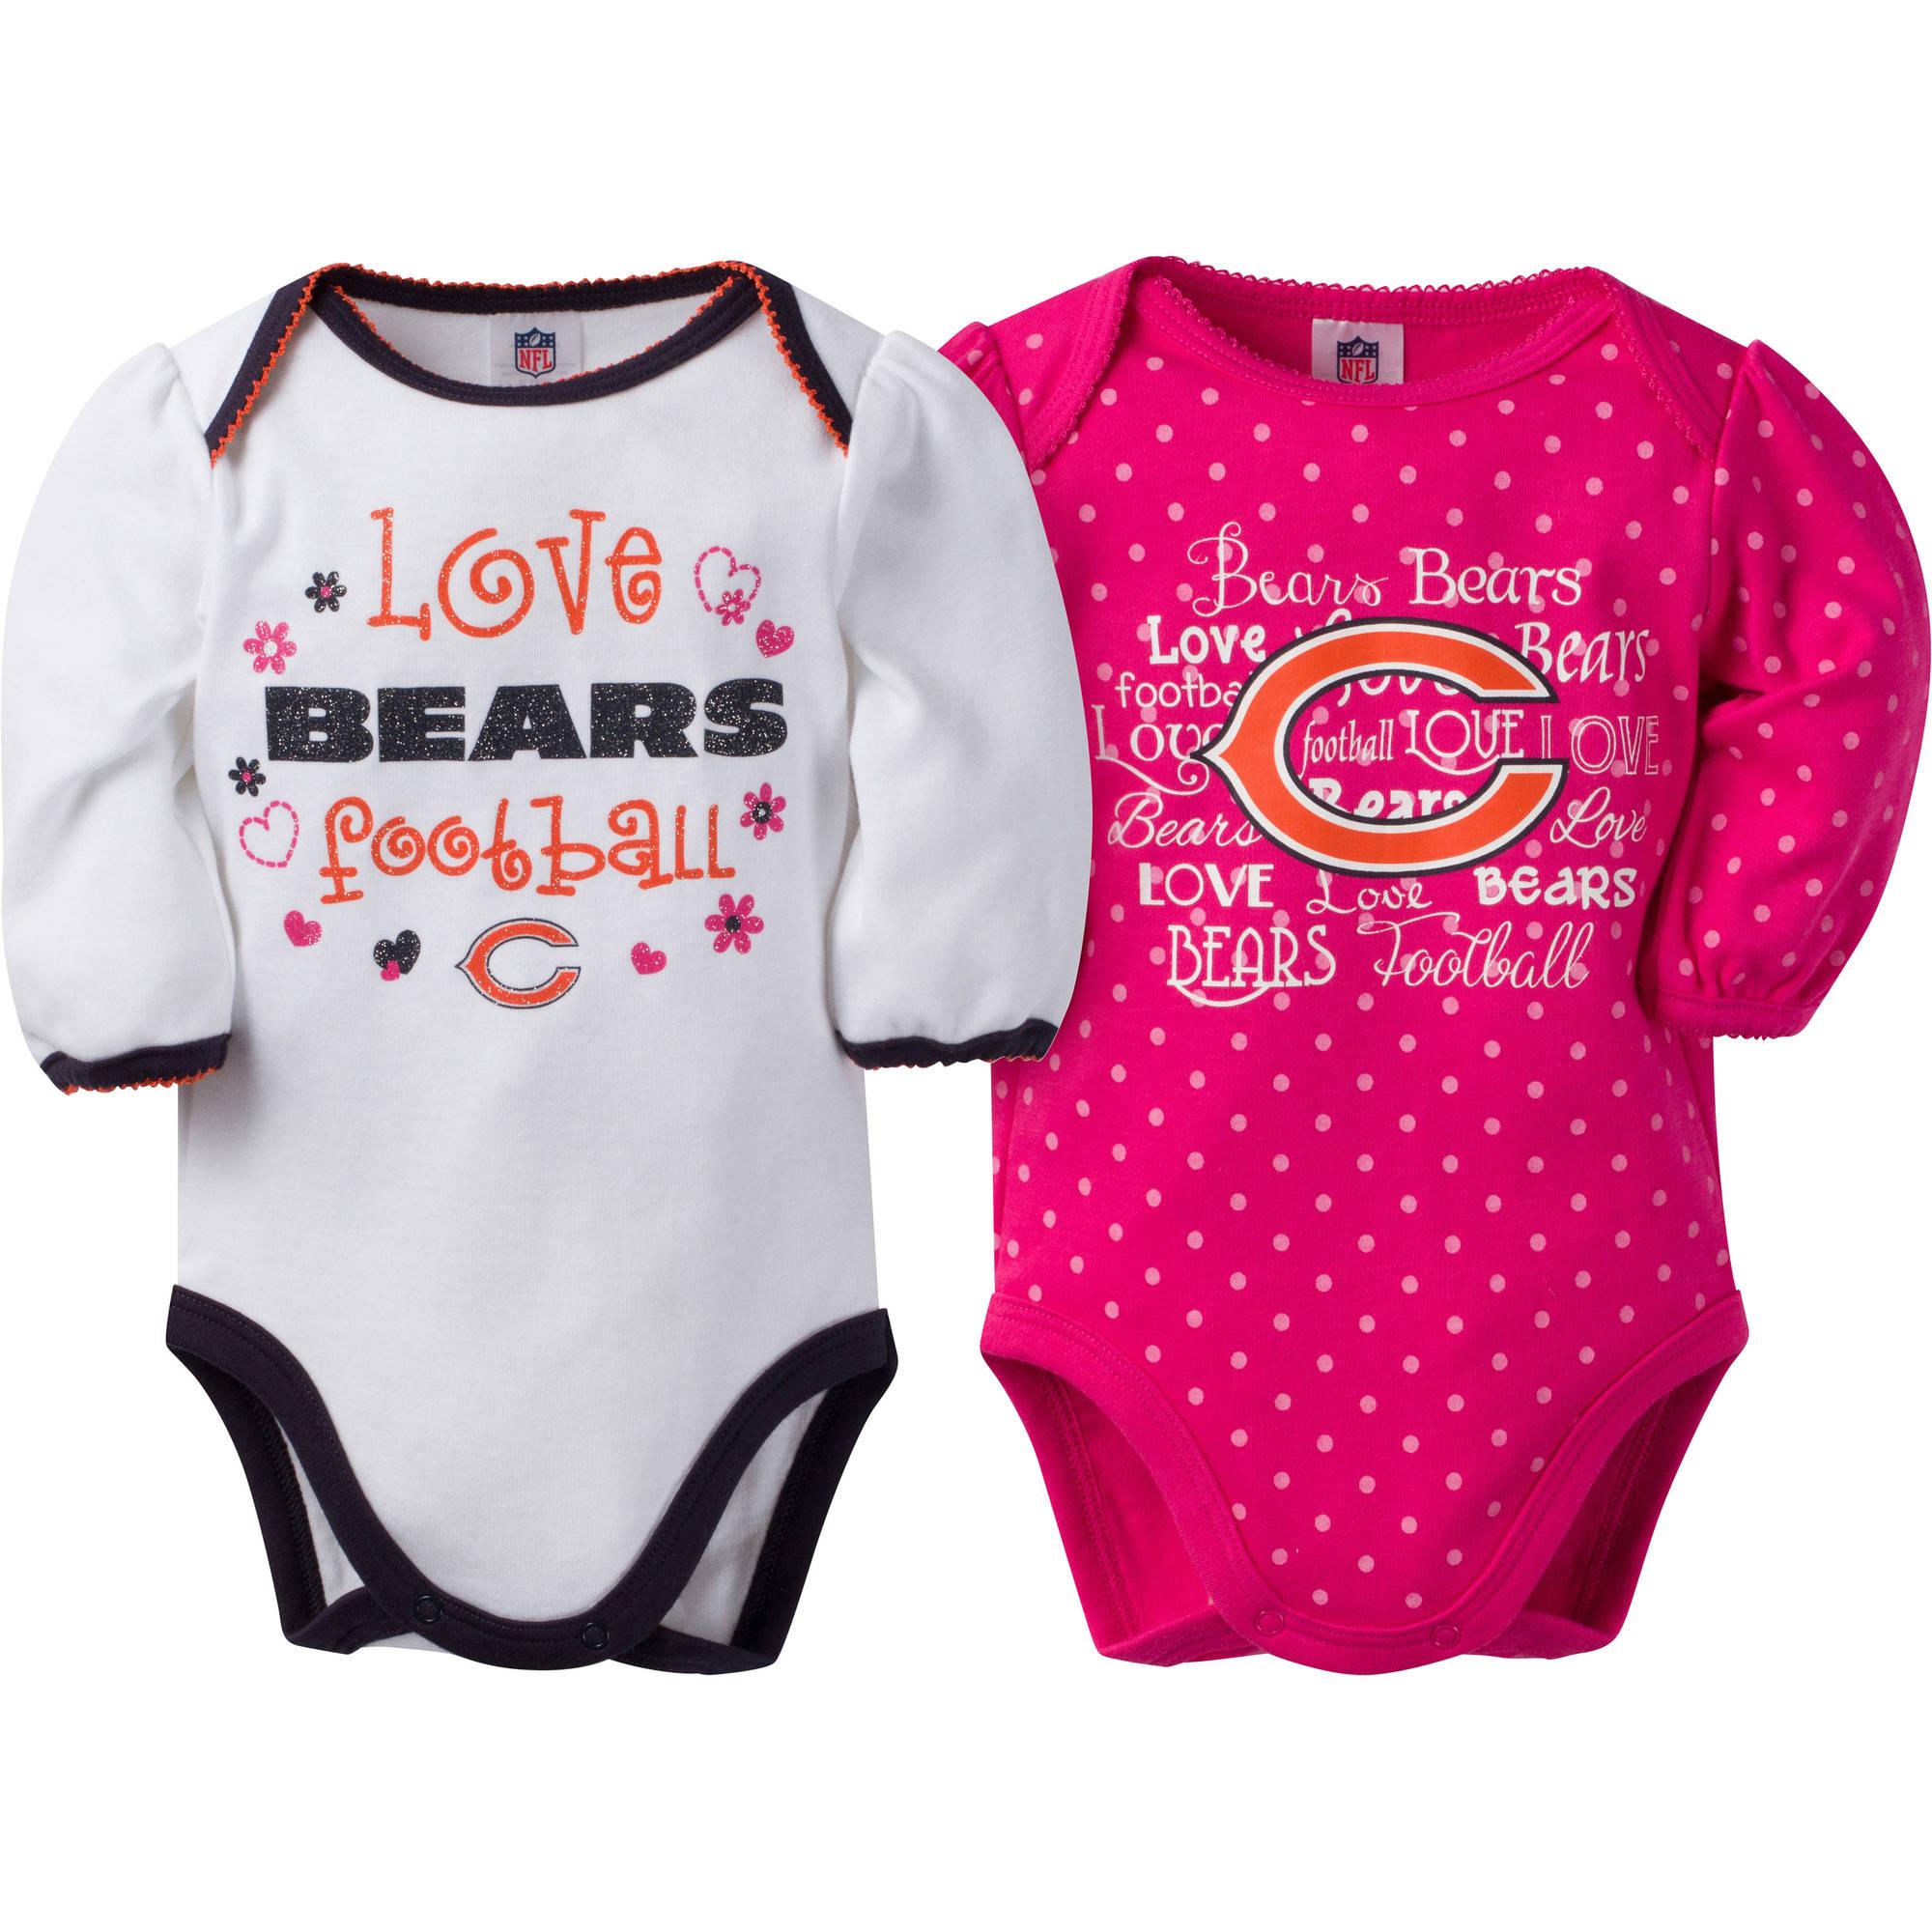 NFL Chicago Bears Baby Baby Girls Long Sleeve Bodysuit Set, 2-Pack